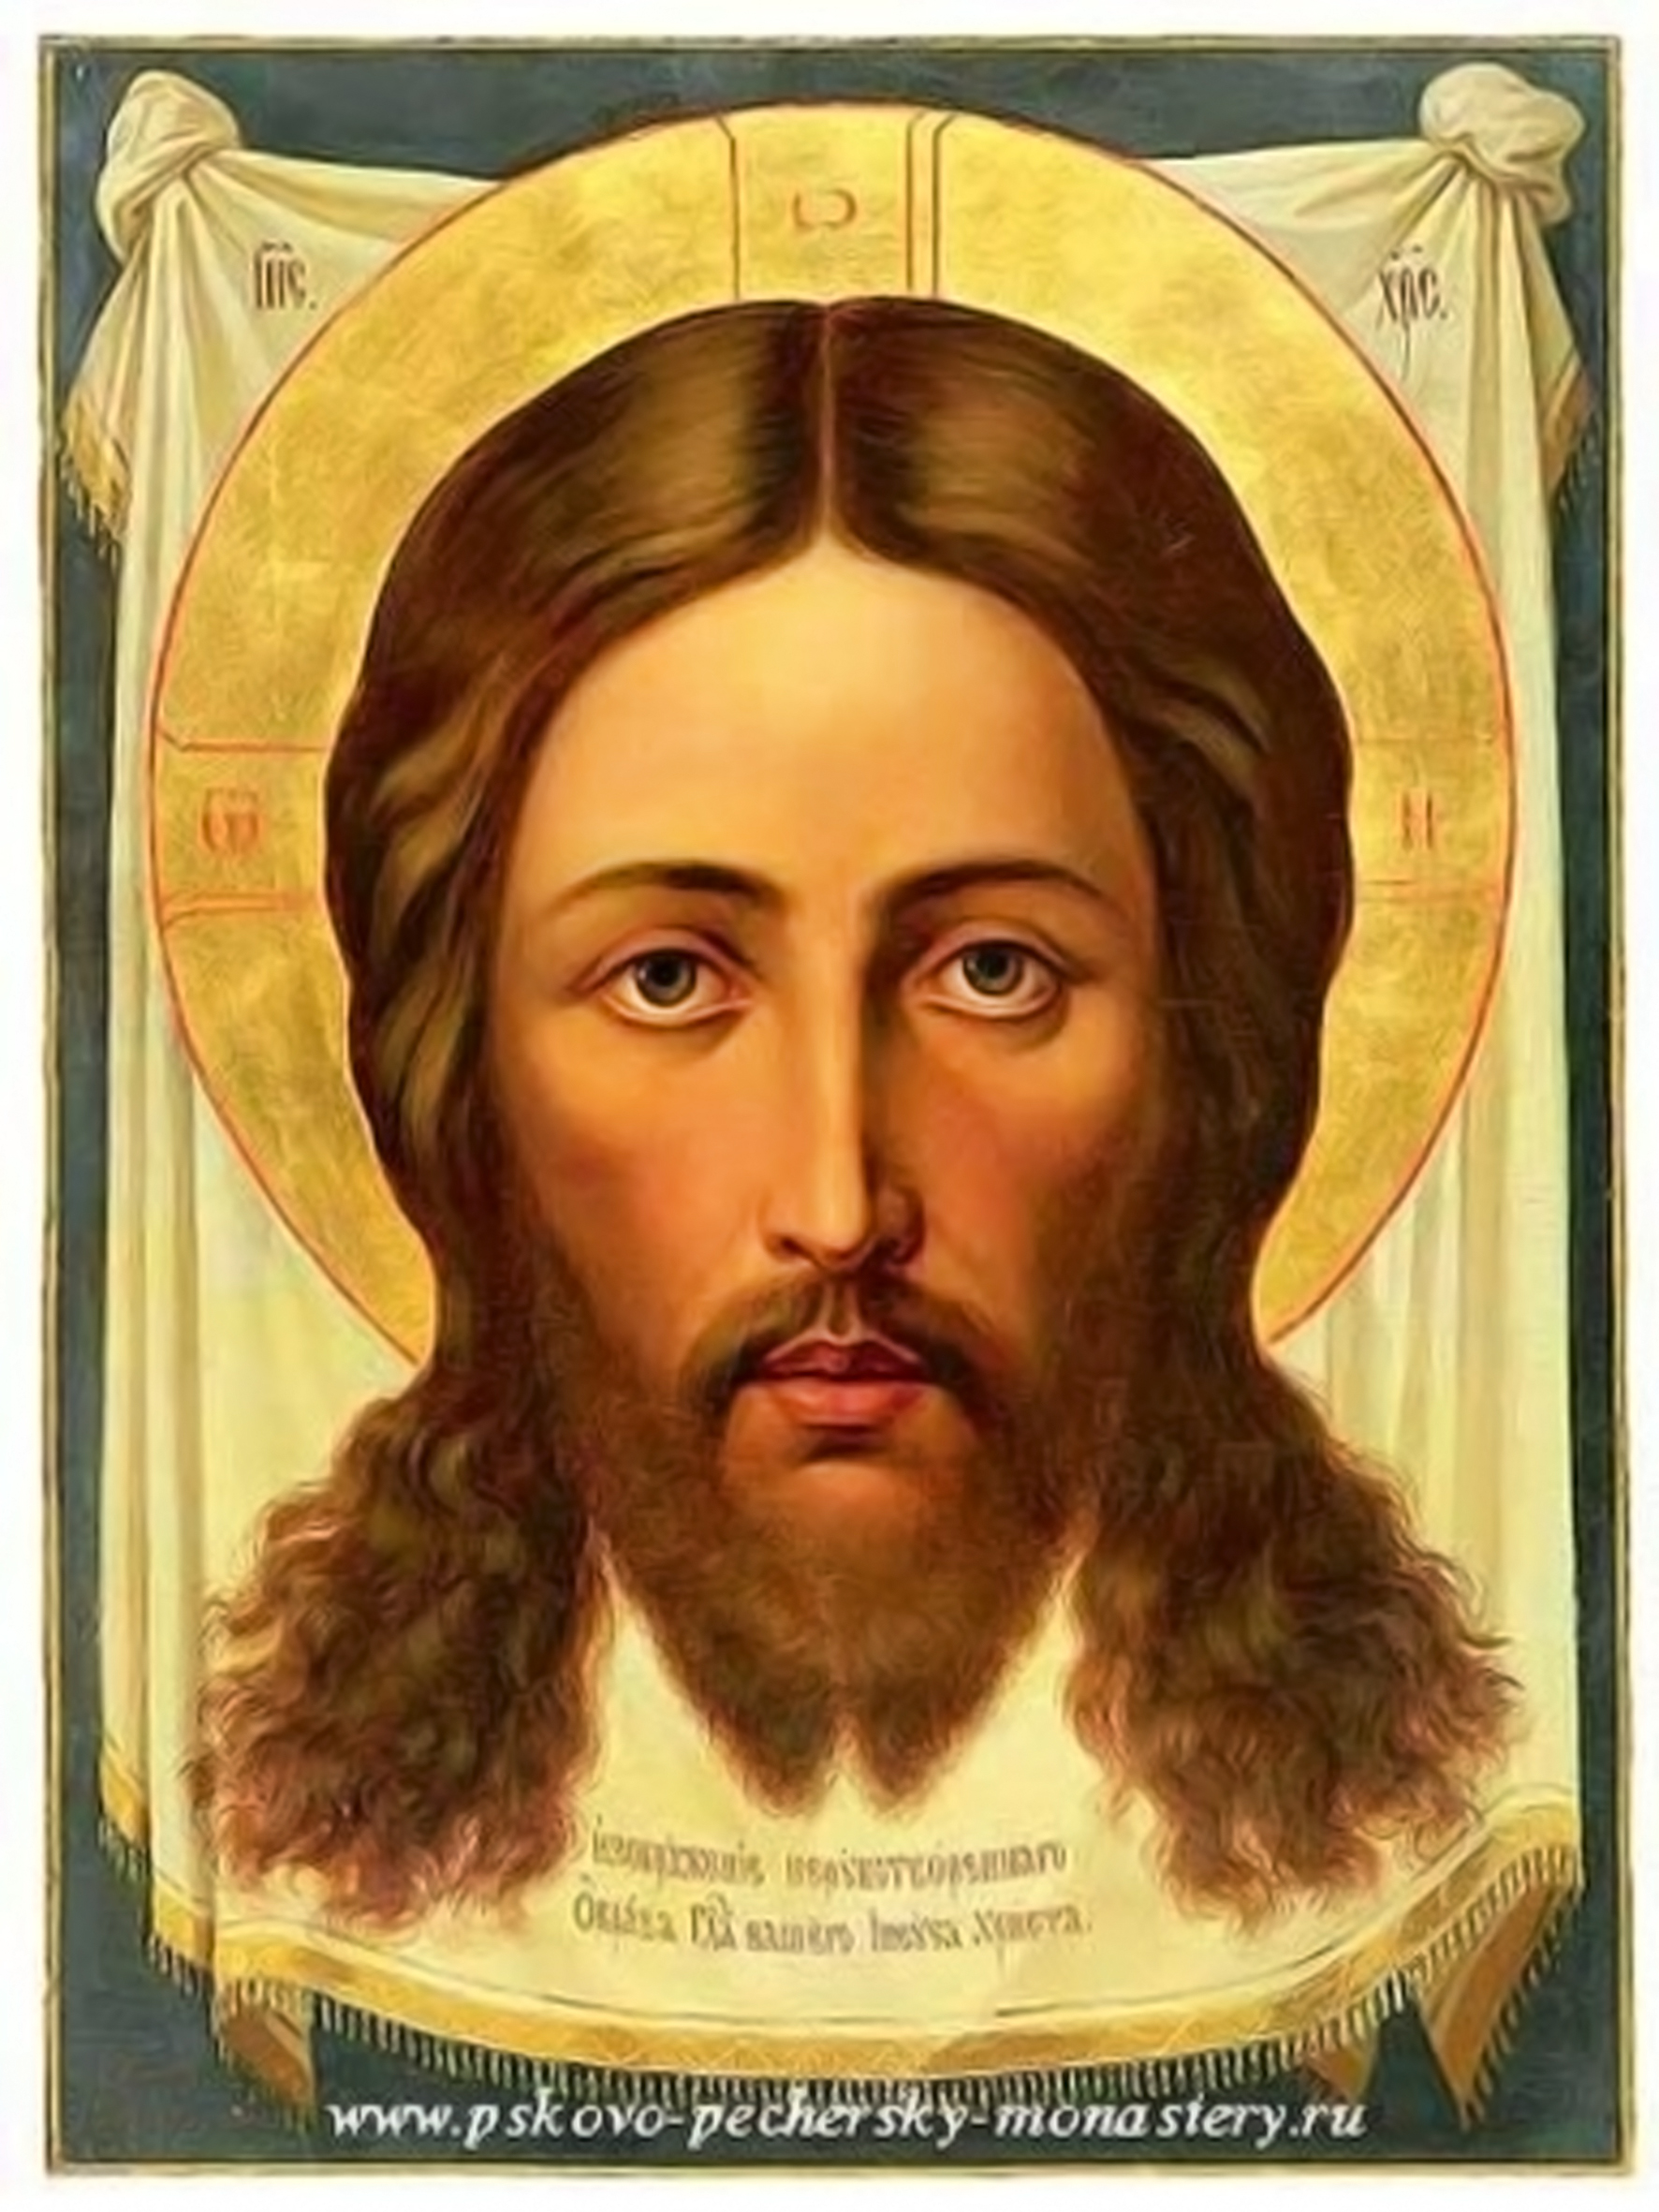 Православные иконы (30 икон) » Картины ...: nevsepic.com.ua/religiya/1057-pravoslavnye-ikony-30-ikon.html